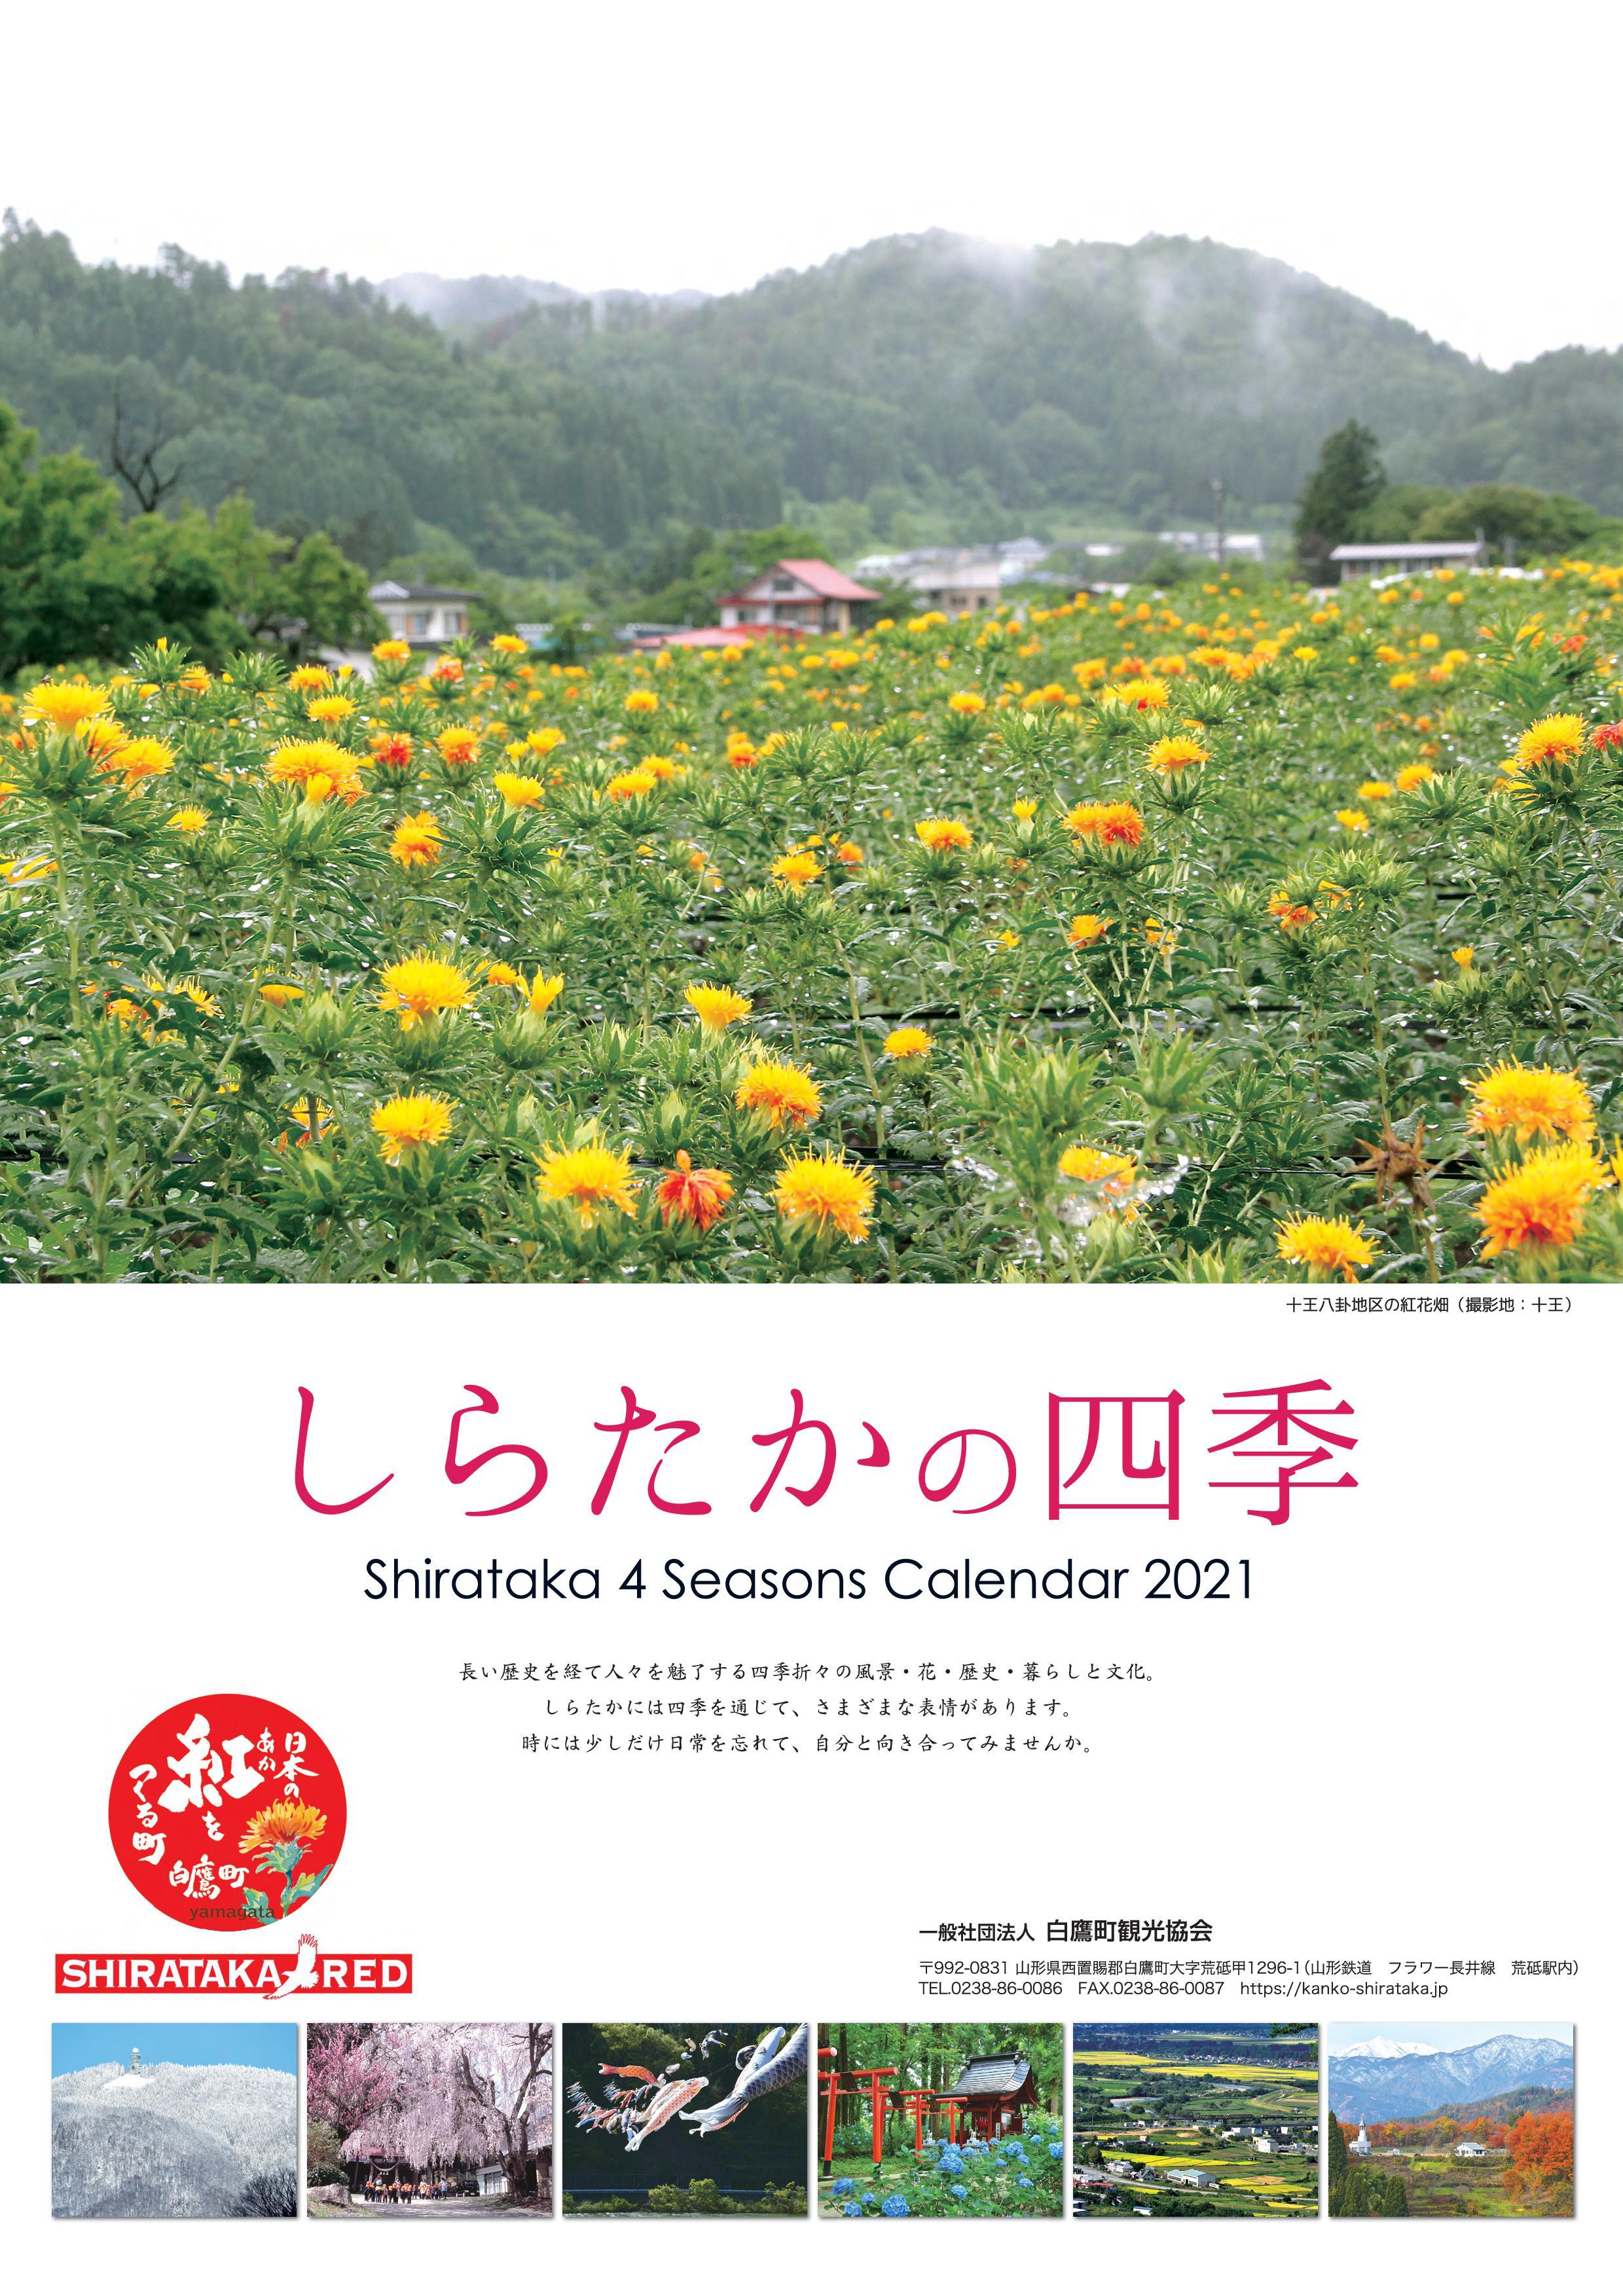 「しらたかの四季」カレンダー2022 写真コンテスト